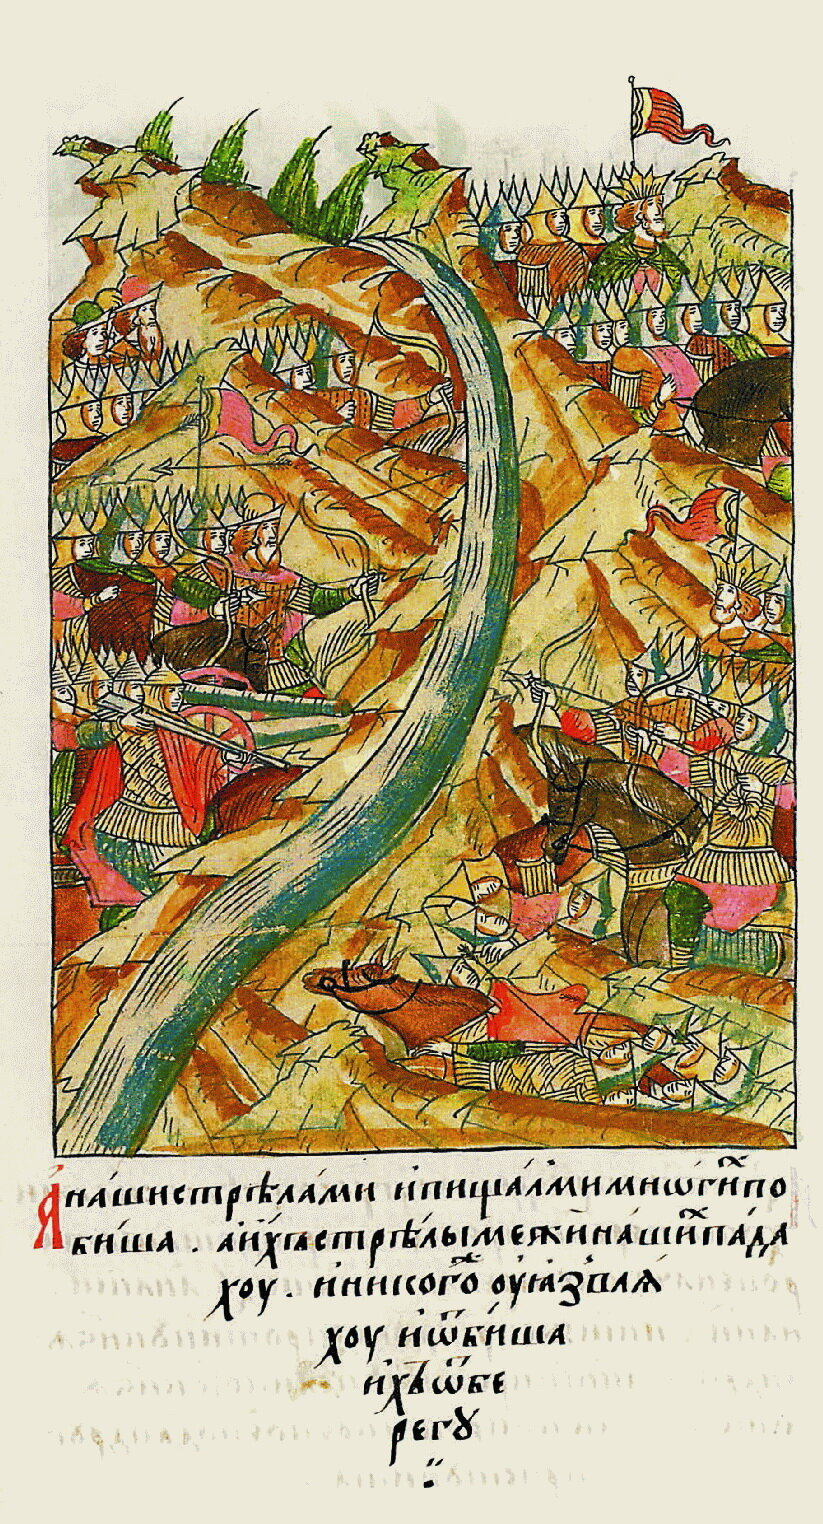 17 октября 1480 года началось знаменитое «стояние на Угре», закончившееся окончательным освобождением России от монголо-татарского ига